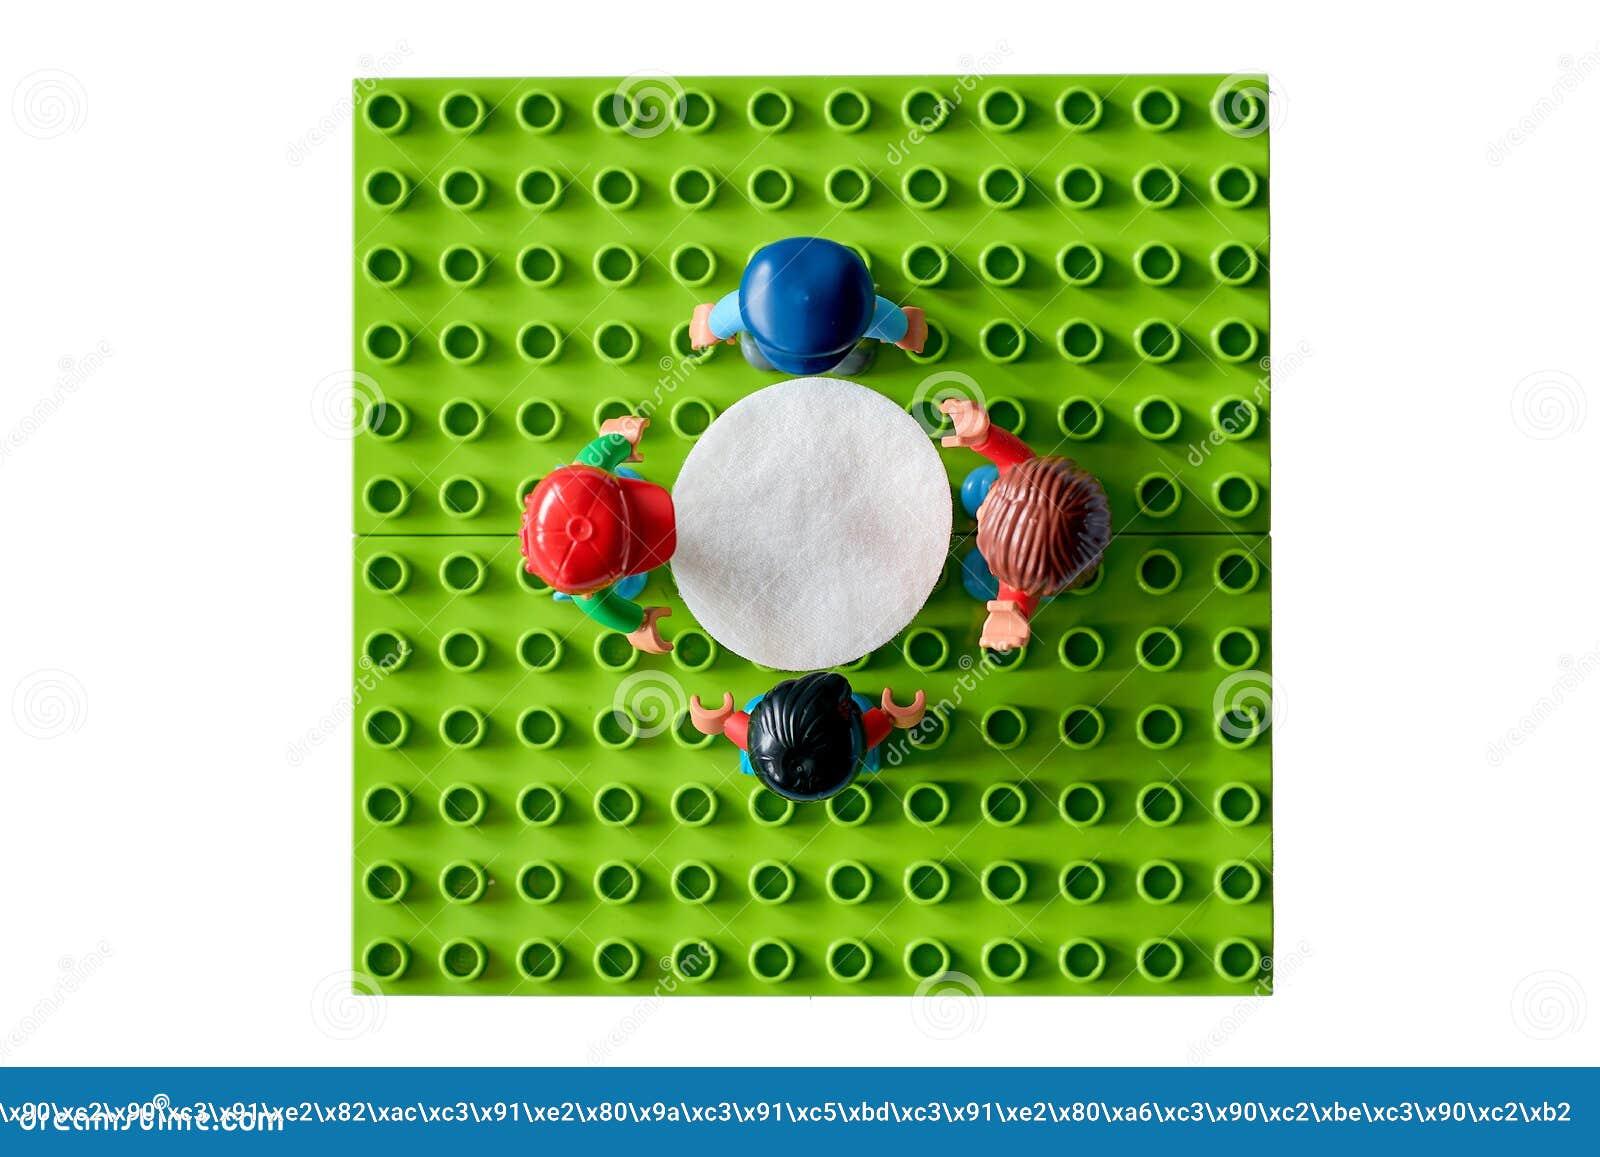 Lego ludzie wokoło stołu, syndykat od różnego setu